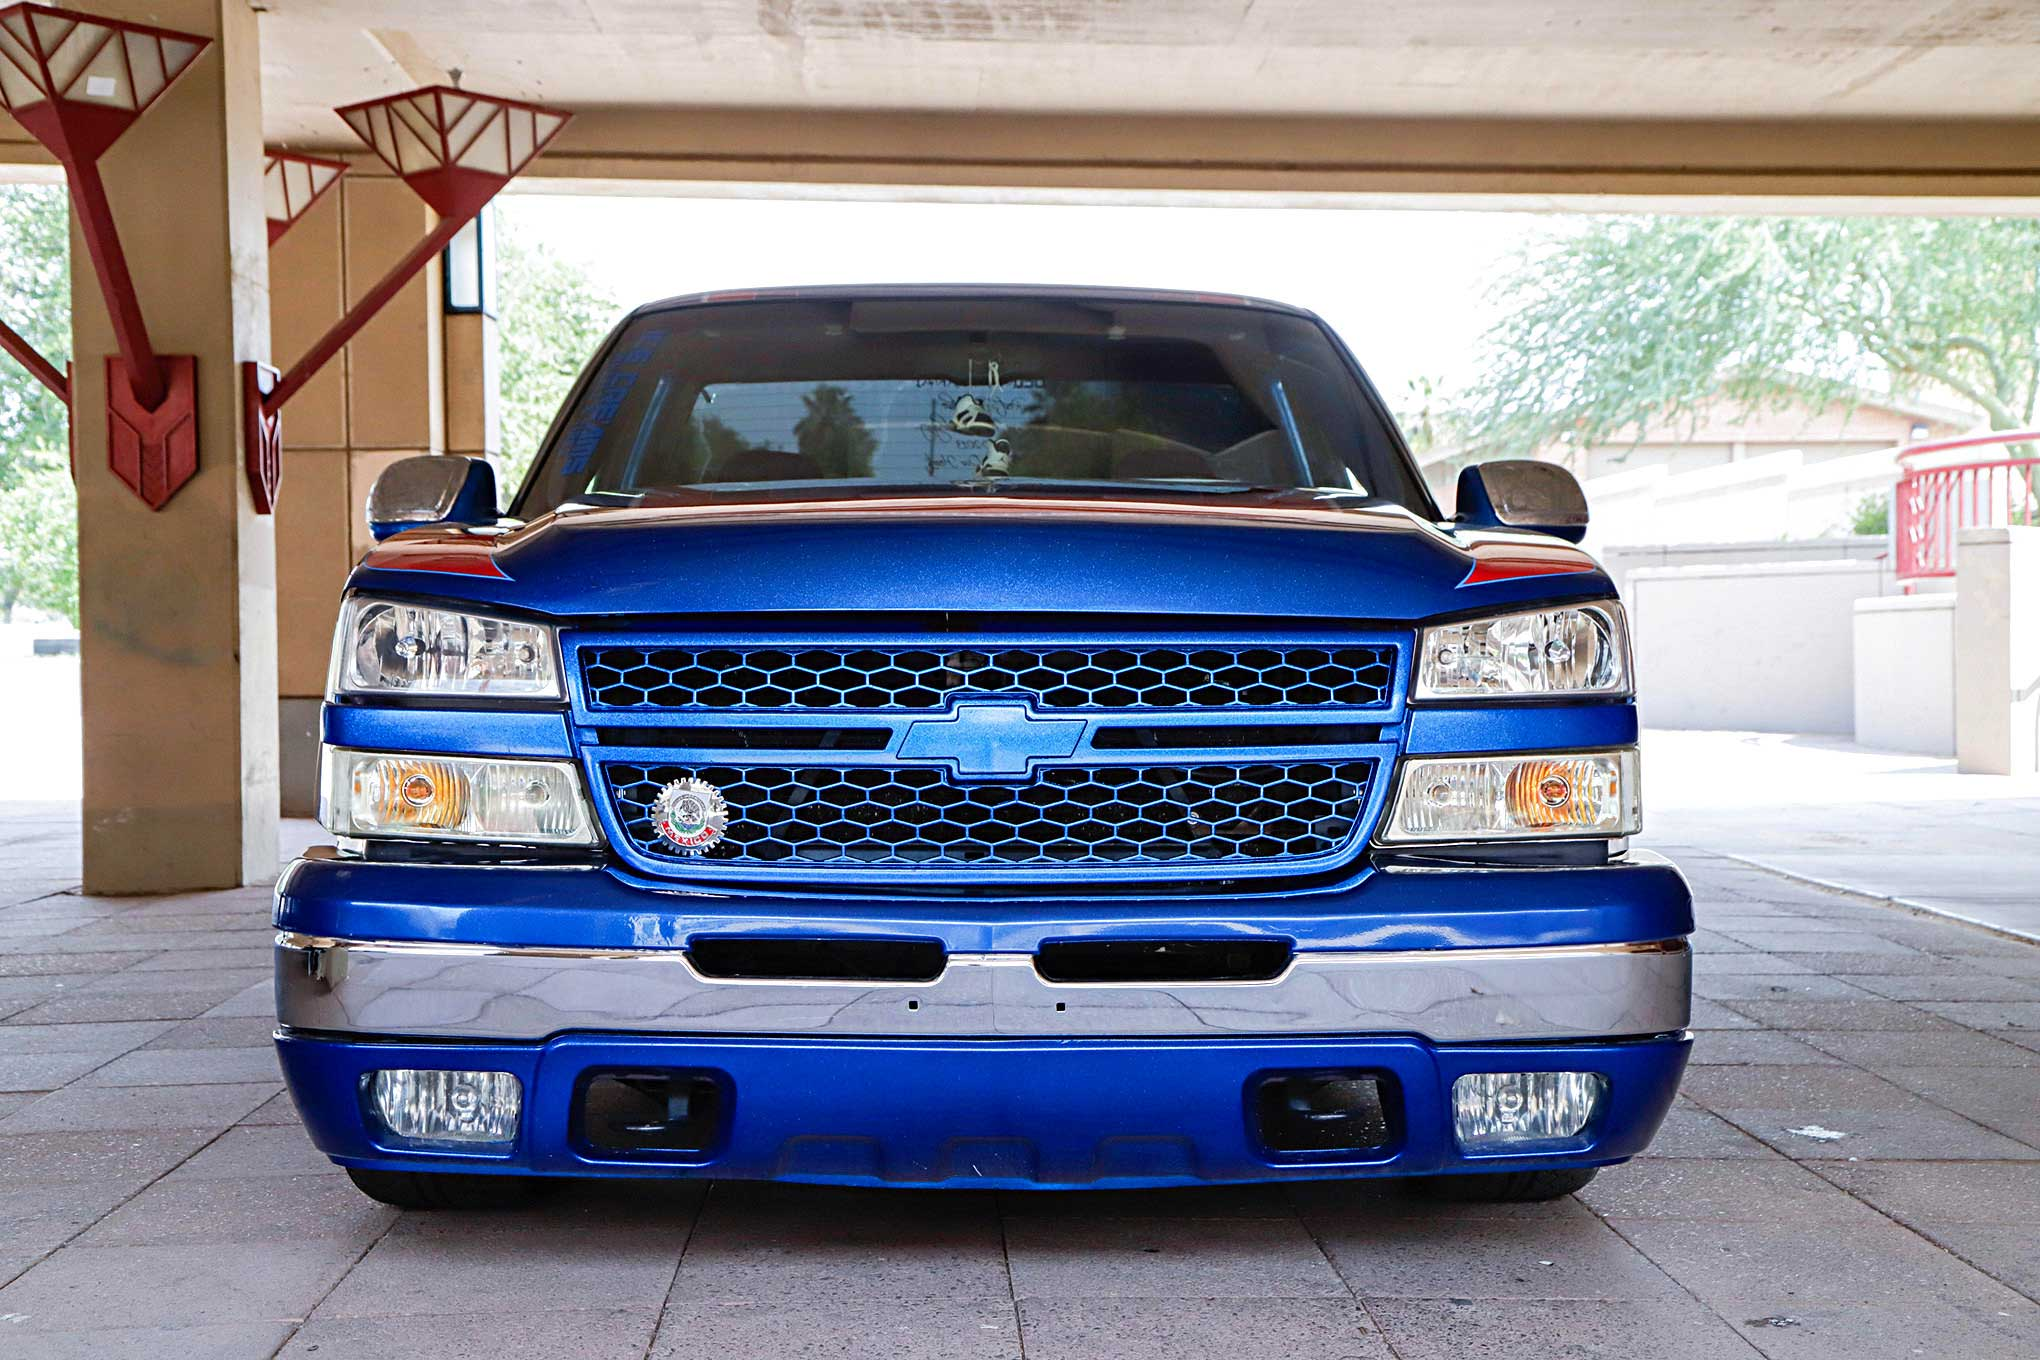 2003 Chevy Silverado - El Patron